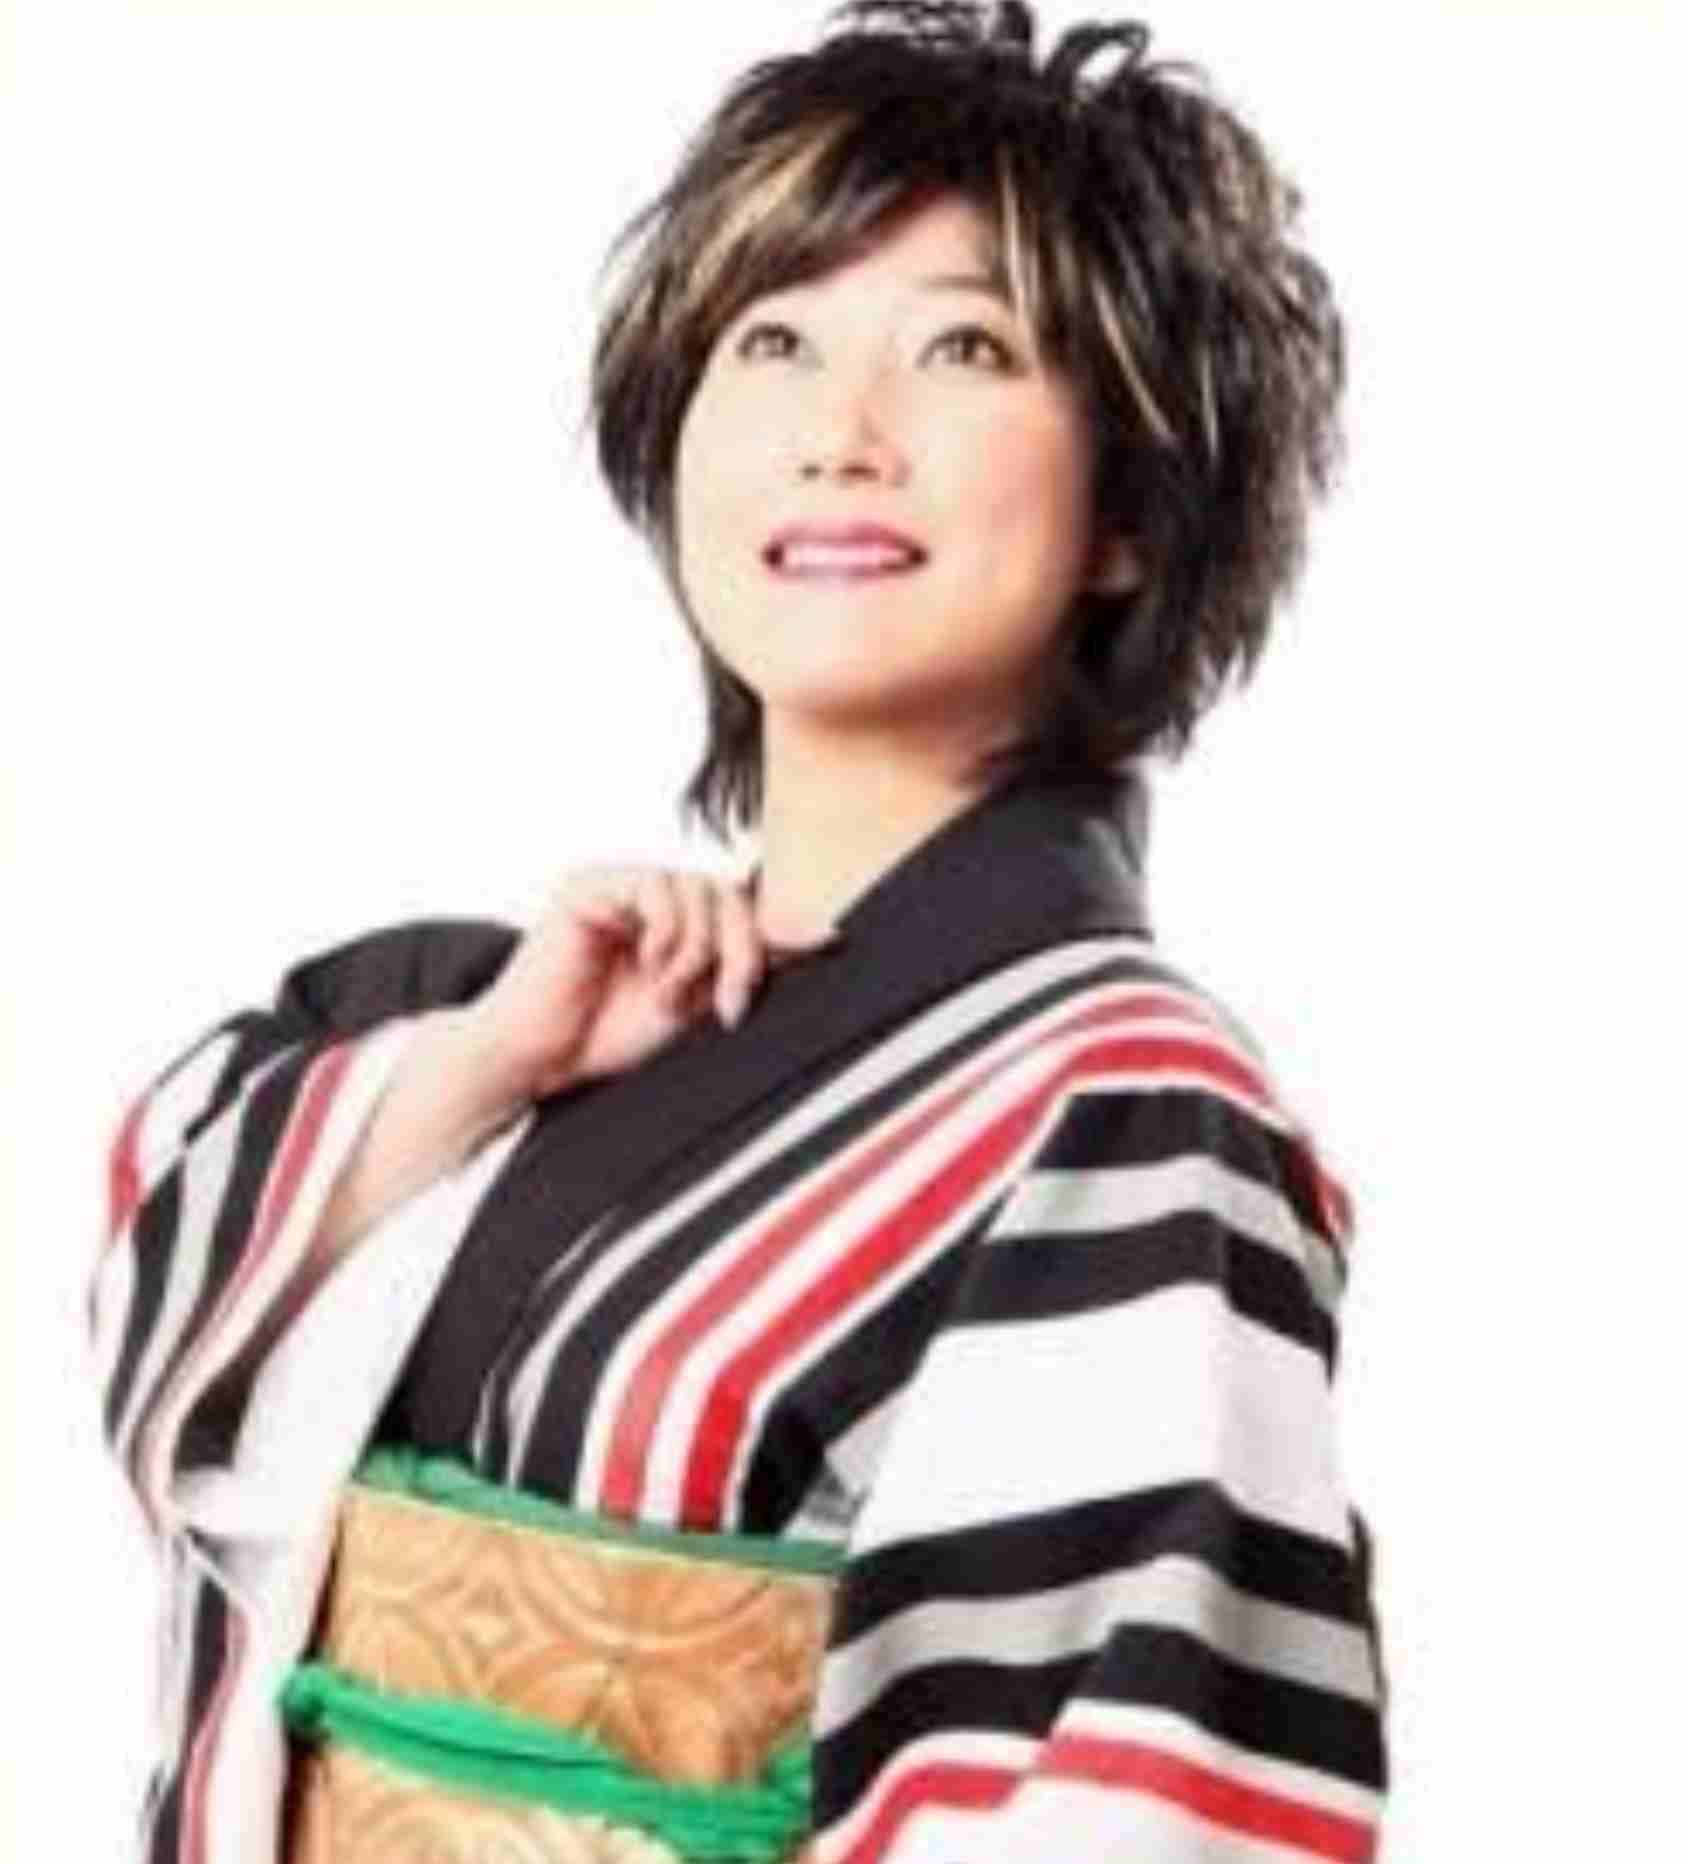 尾上松也が兄妹テレビ初共演 妹の新派若手女優、春本由香と「徹子の部屋」出演